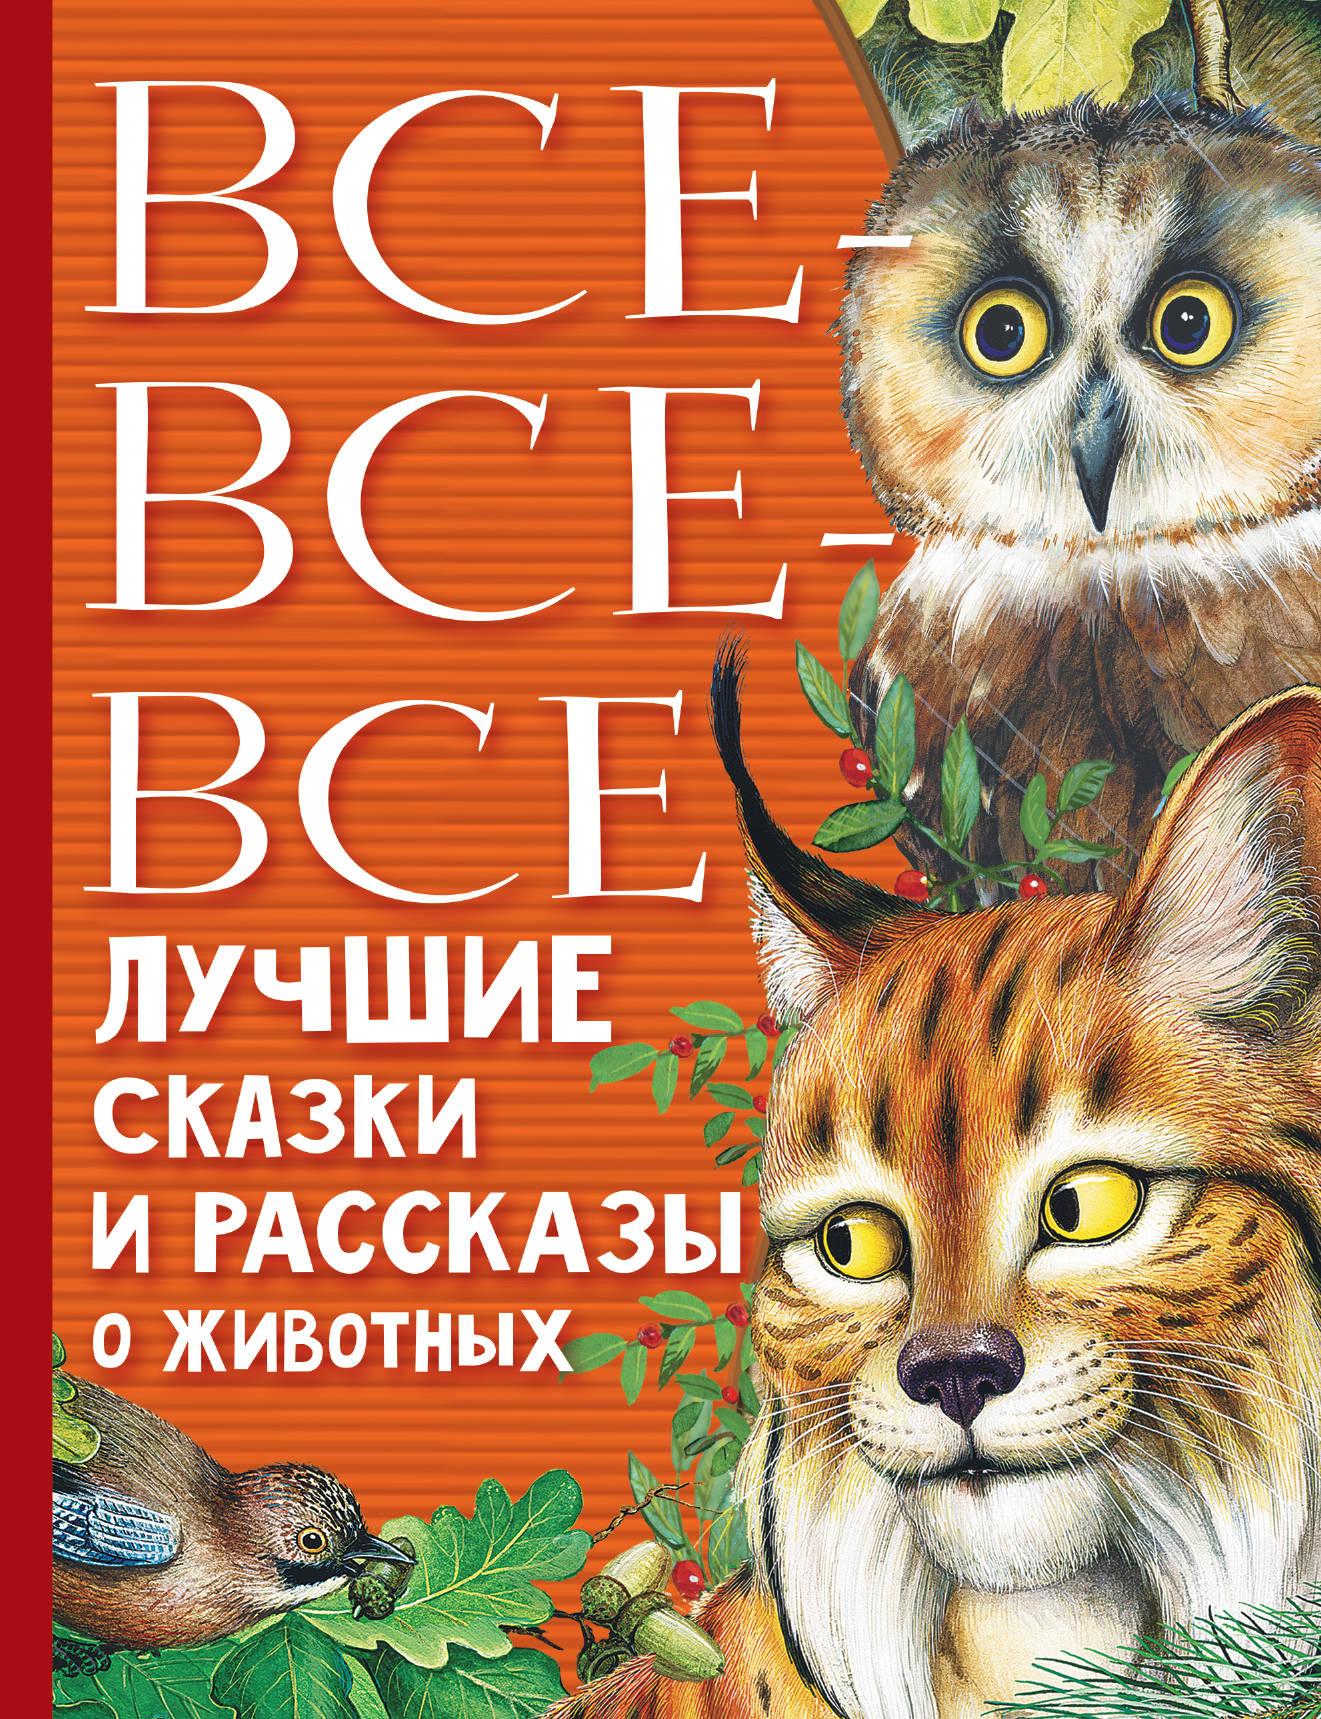 Все-все-все лучшие сказки, стихи и рассказы о животных